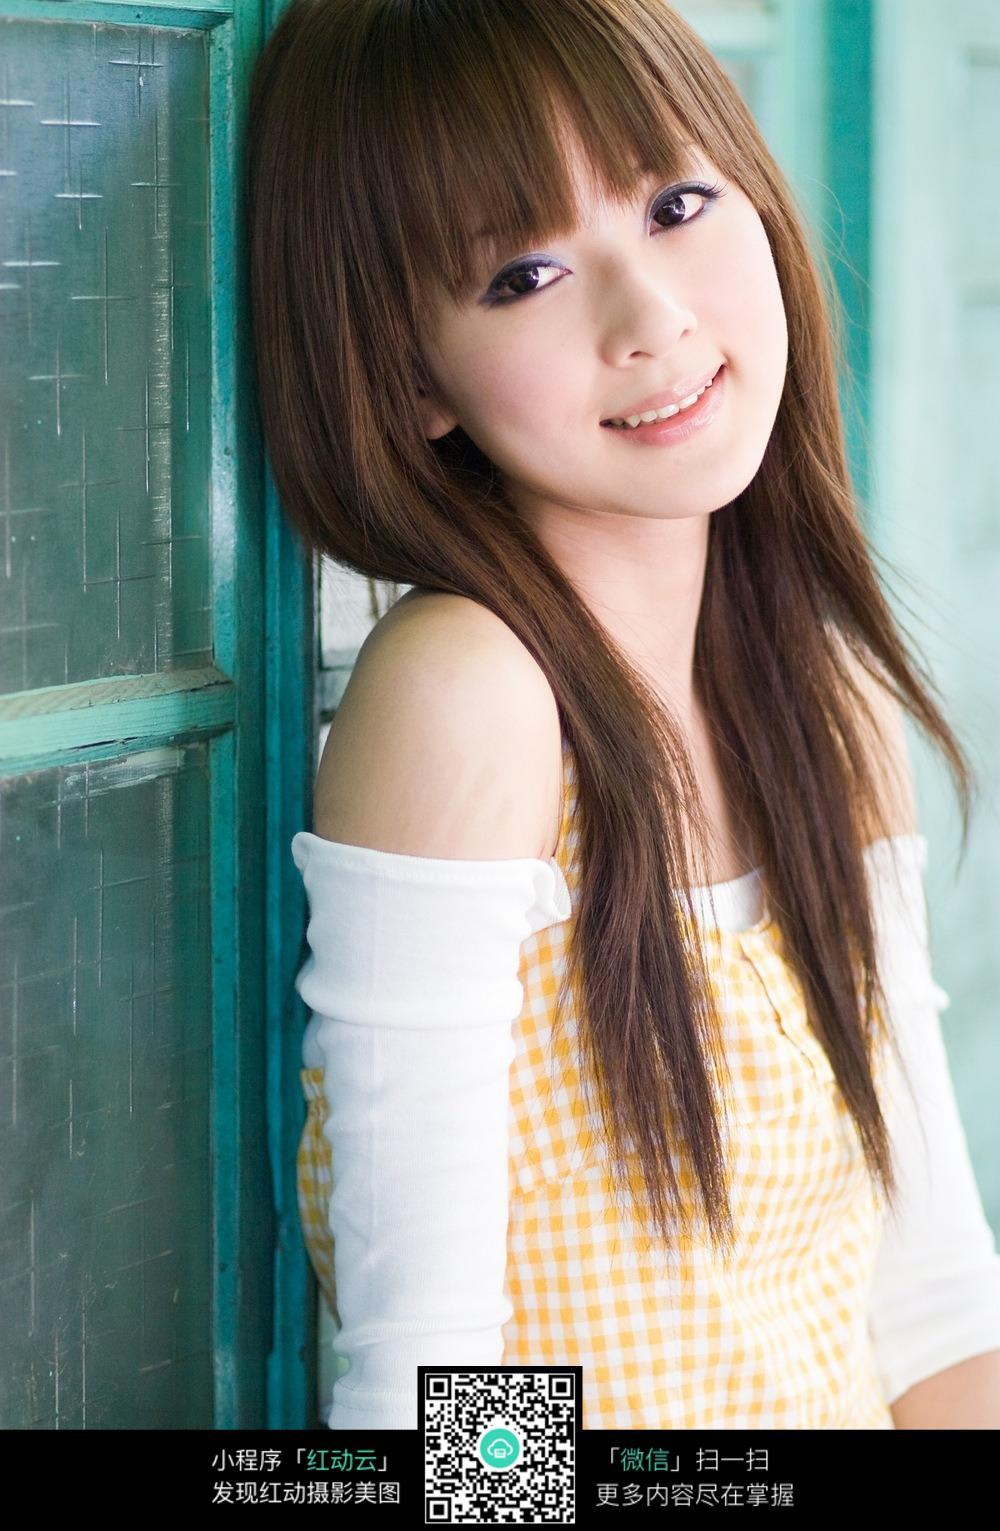 甜美的长发美女图片